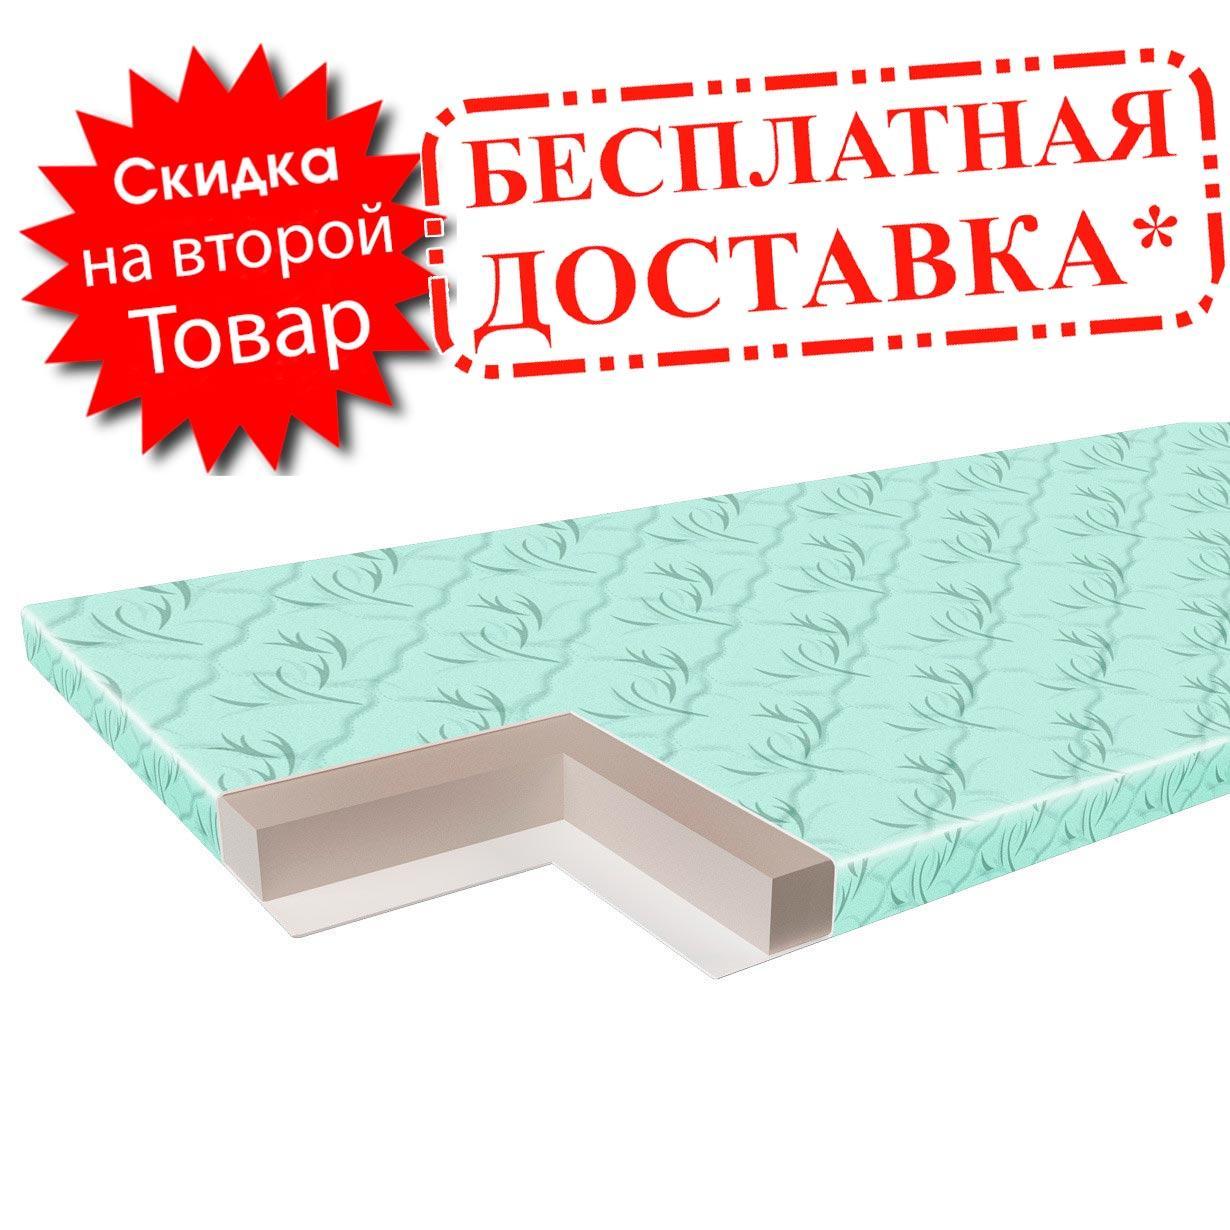 ✅Ортопедический матрас Comfort классик 70x190 см. ComFort